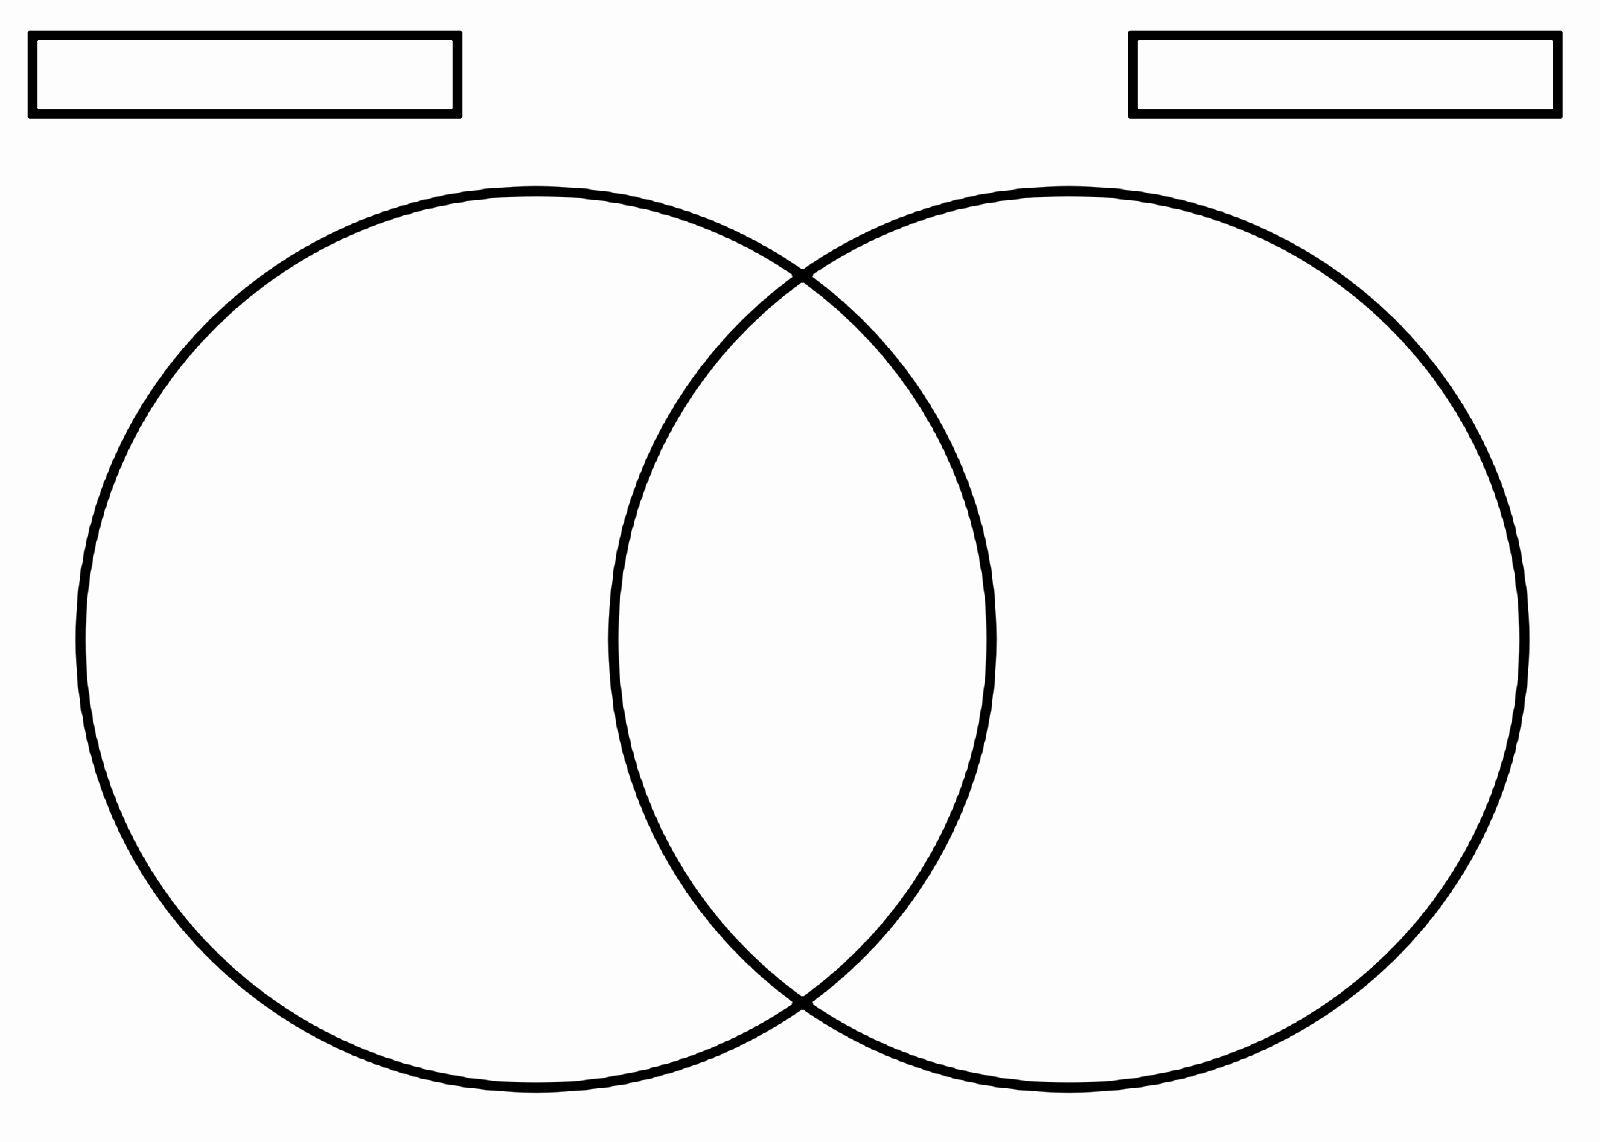 Venn Diagram Template Doc Lovely Free Blank Venn Diagram